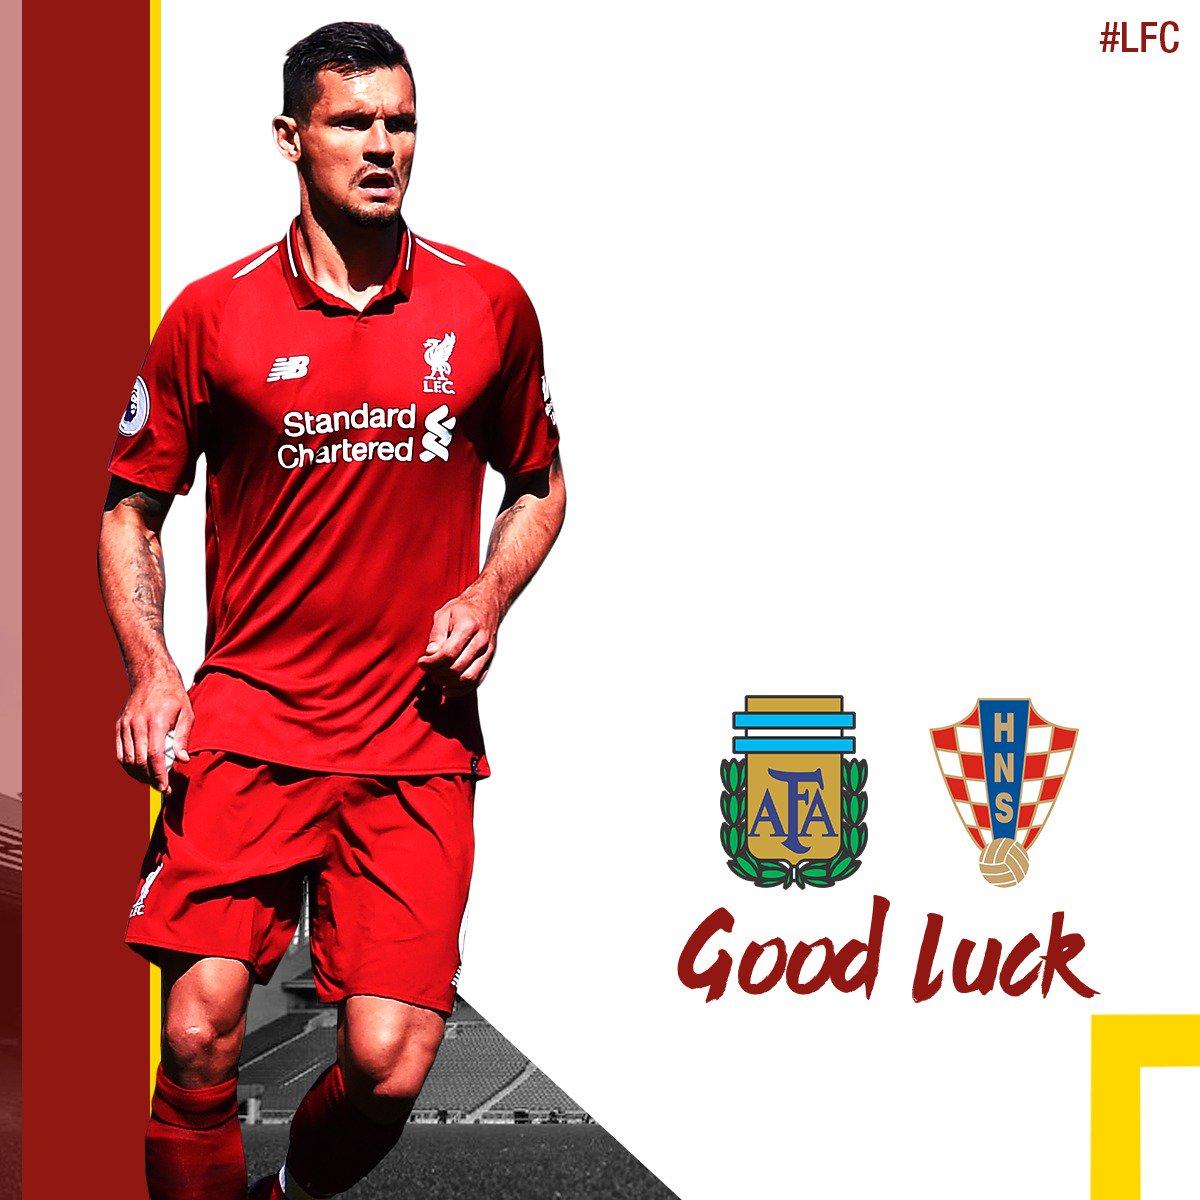 Good luck tonight, Dejan Lovren! 👊 🇦🇷 vs 🇭🇷 (19:00 BST)